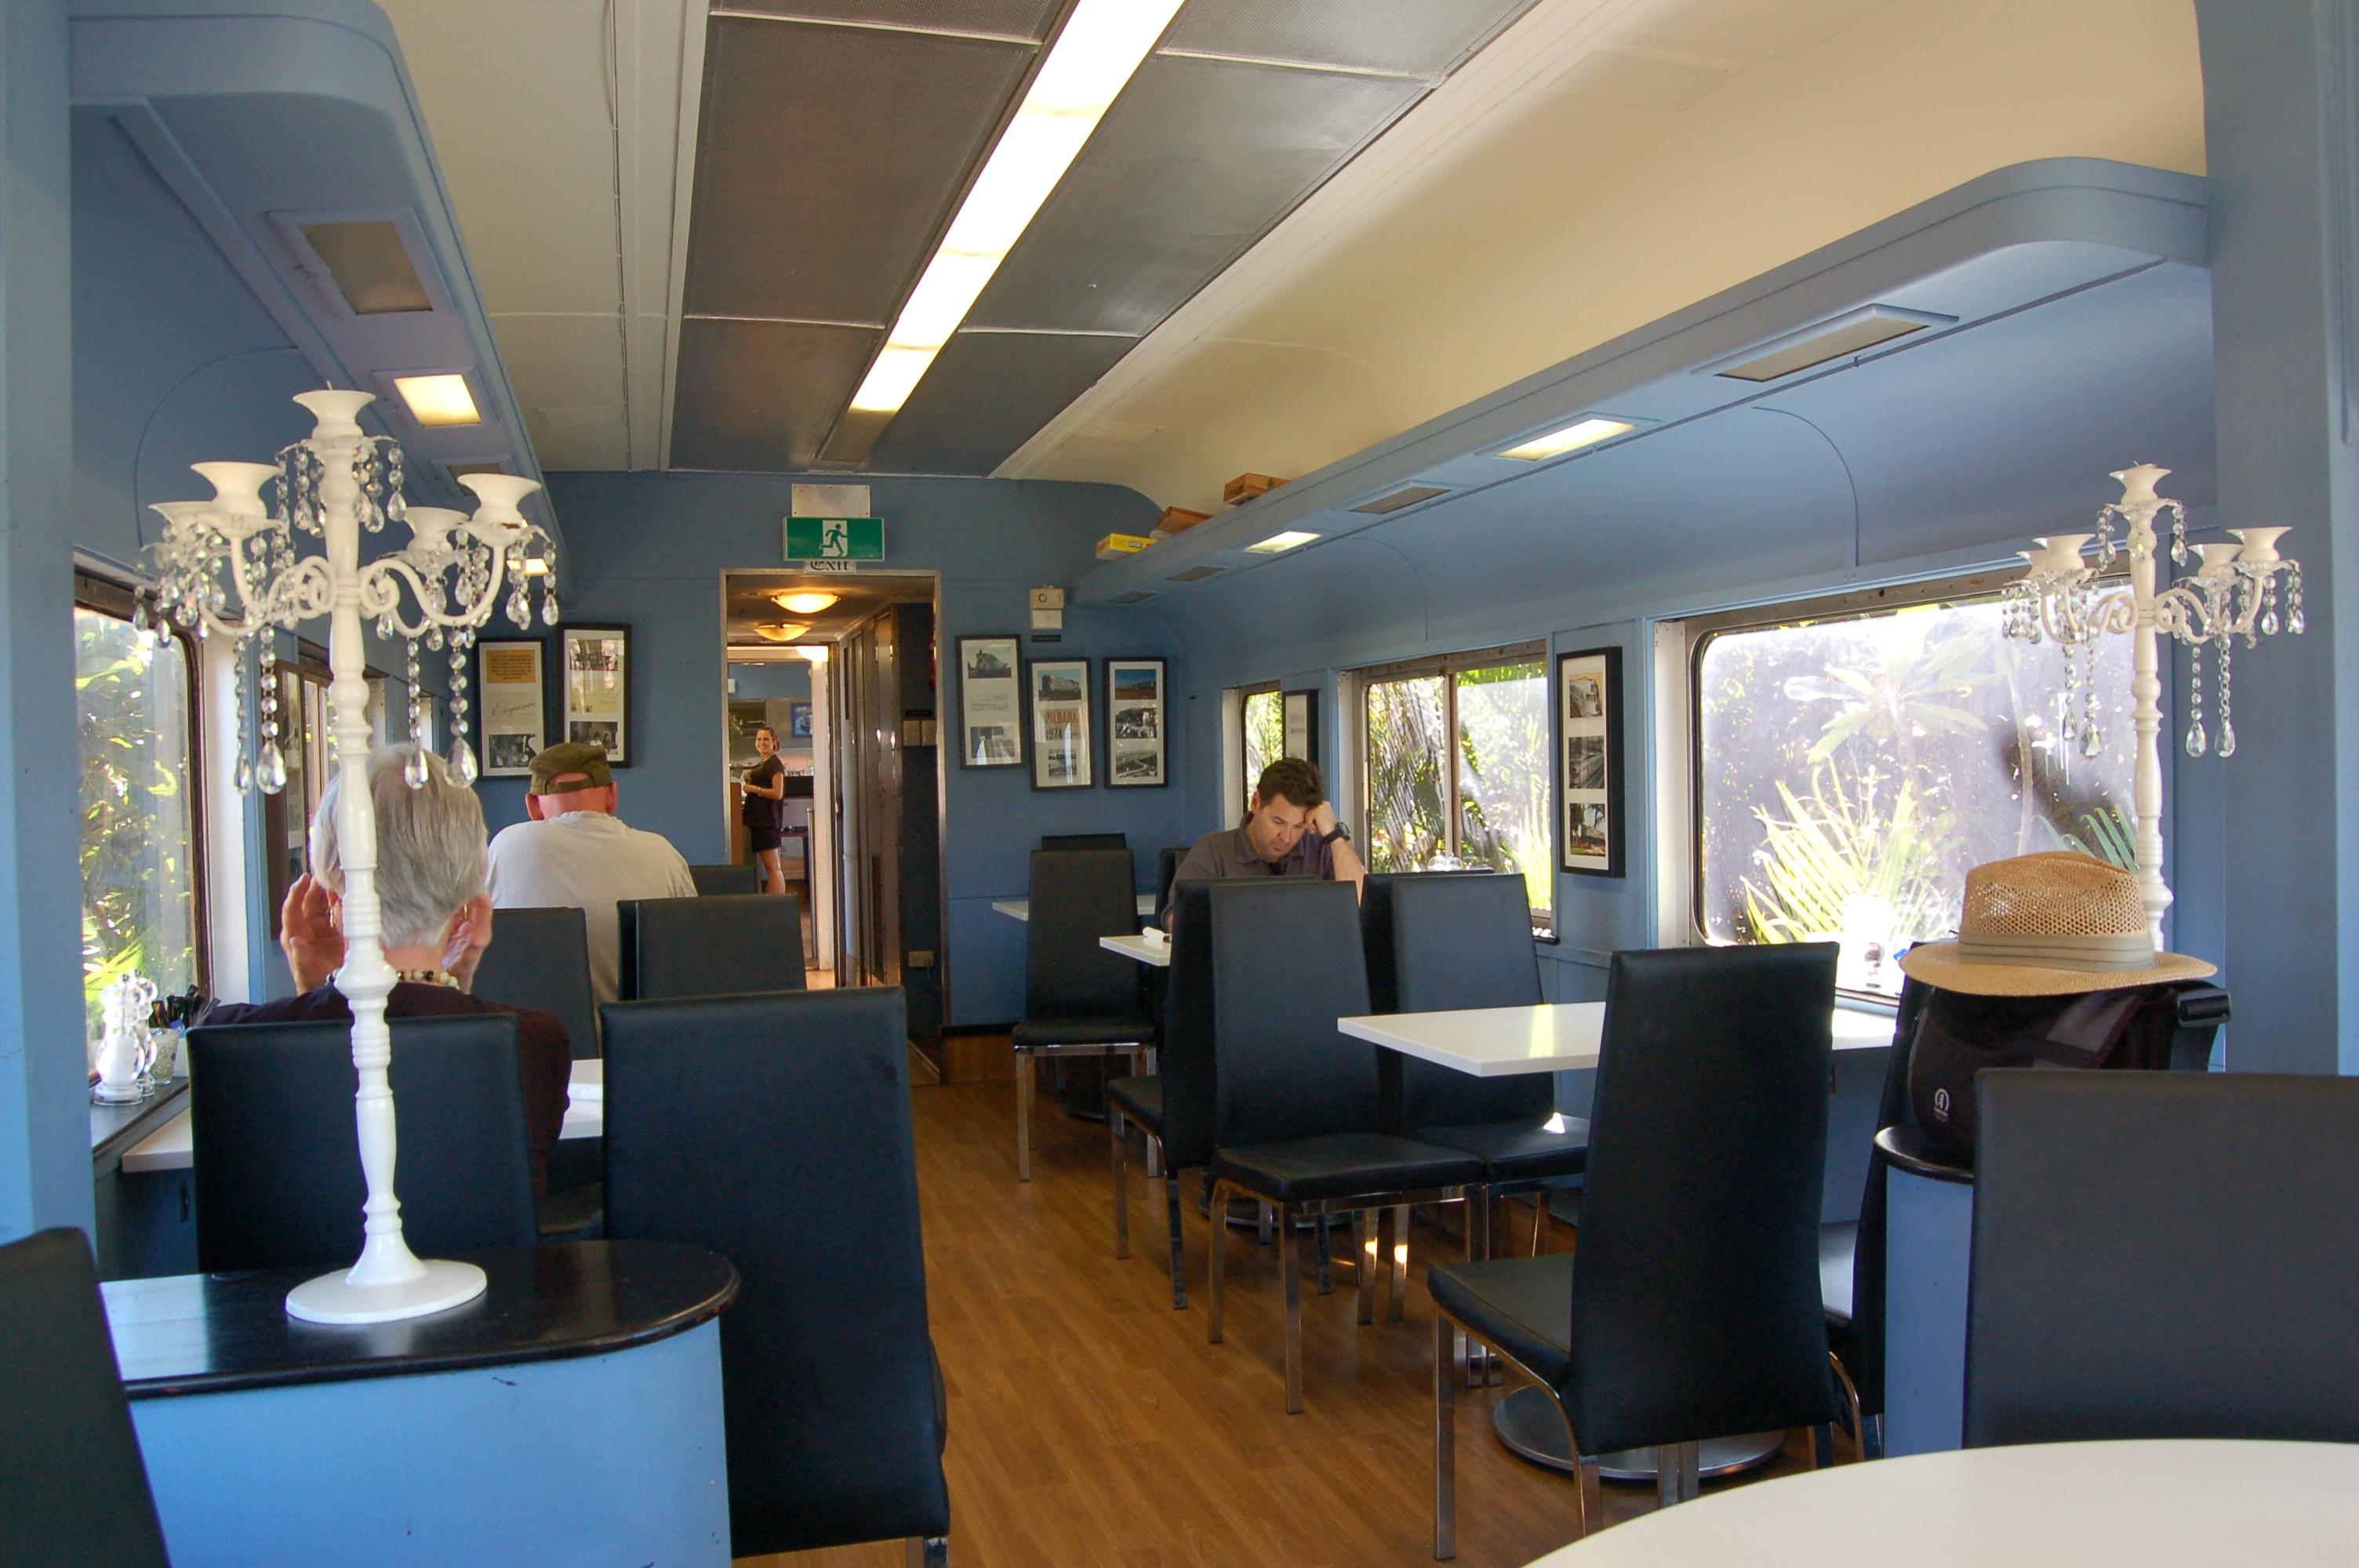 file:silver star cafe, port hedland, interior, 2012